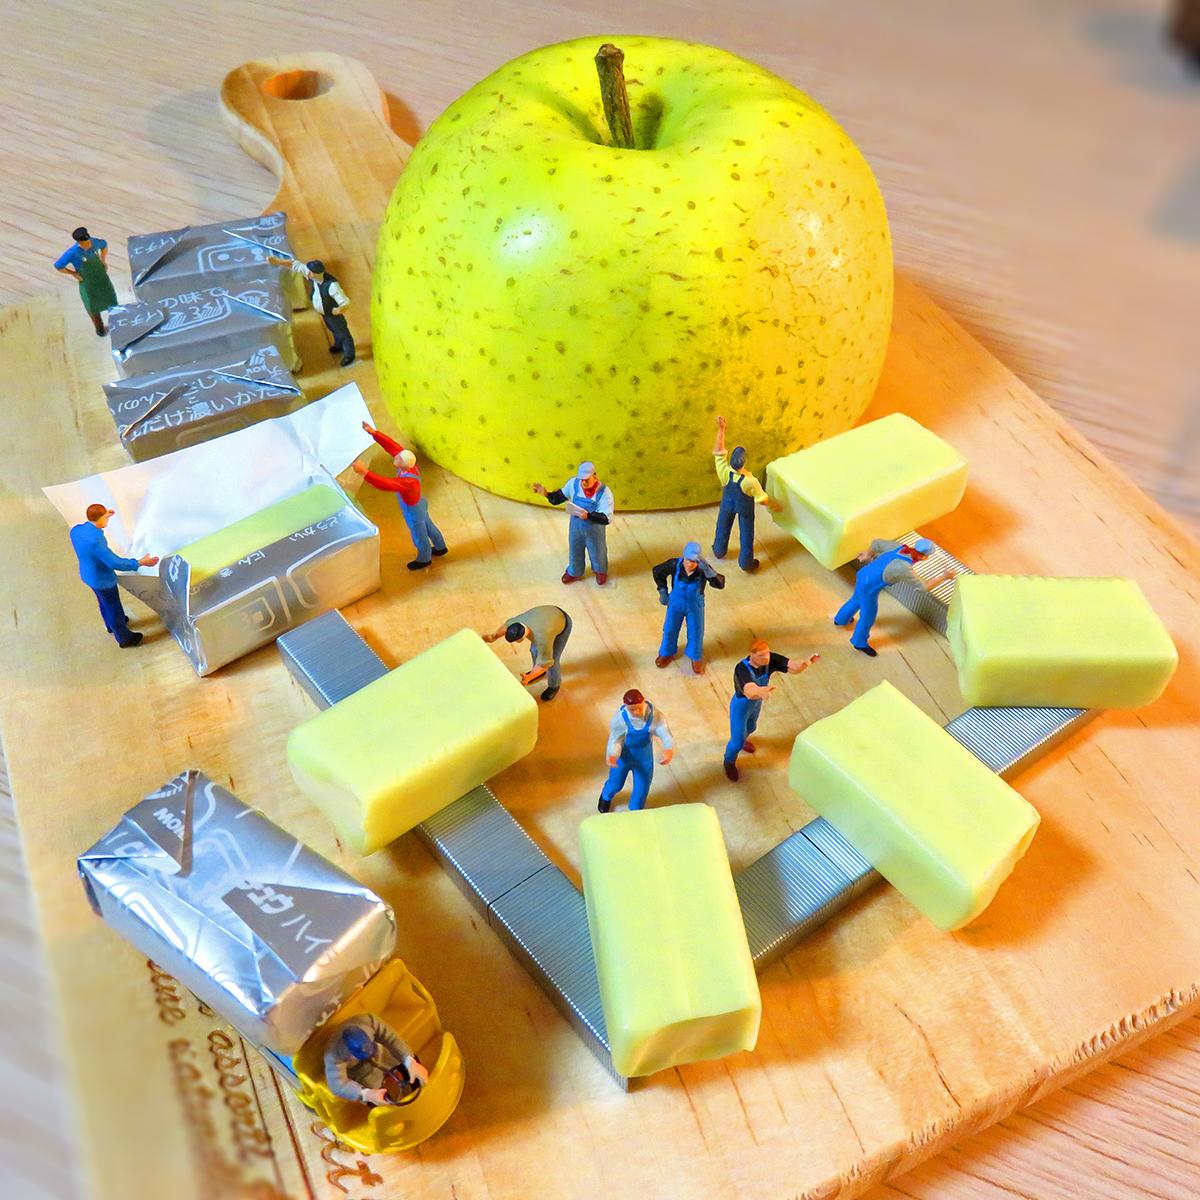 青リンゴのハイチュウ工場!果汁入りグリーンアップル味を生産する森永の作業員